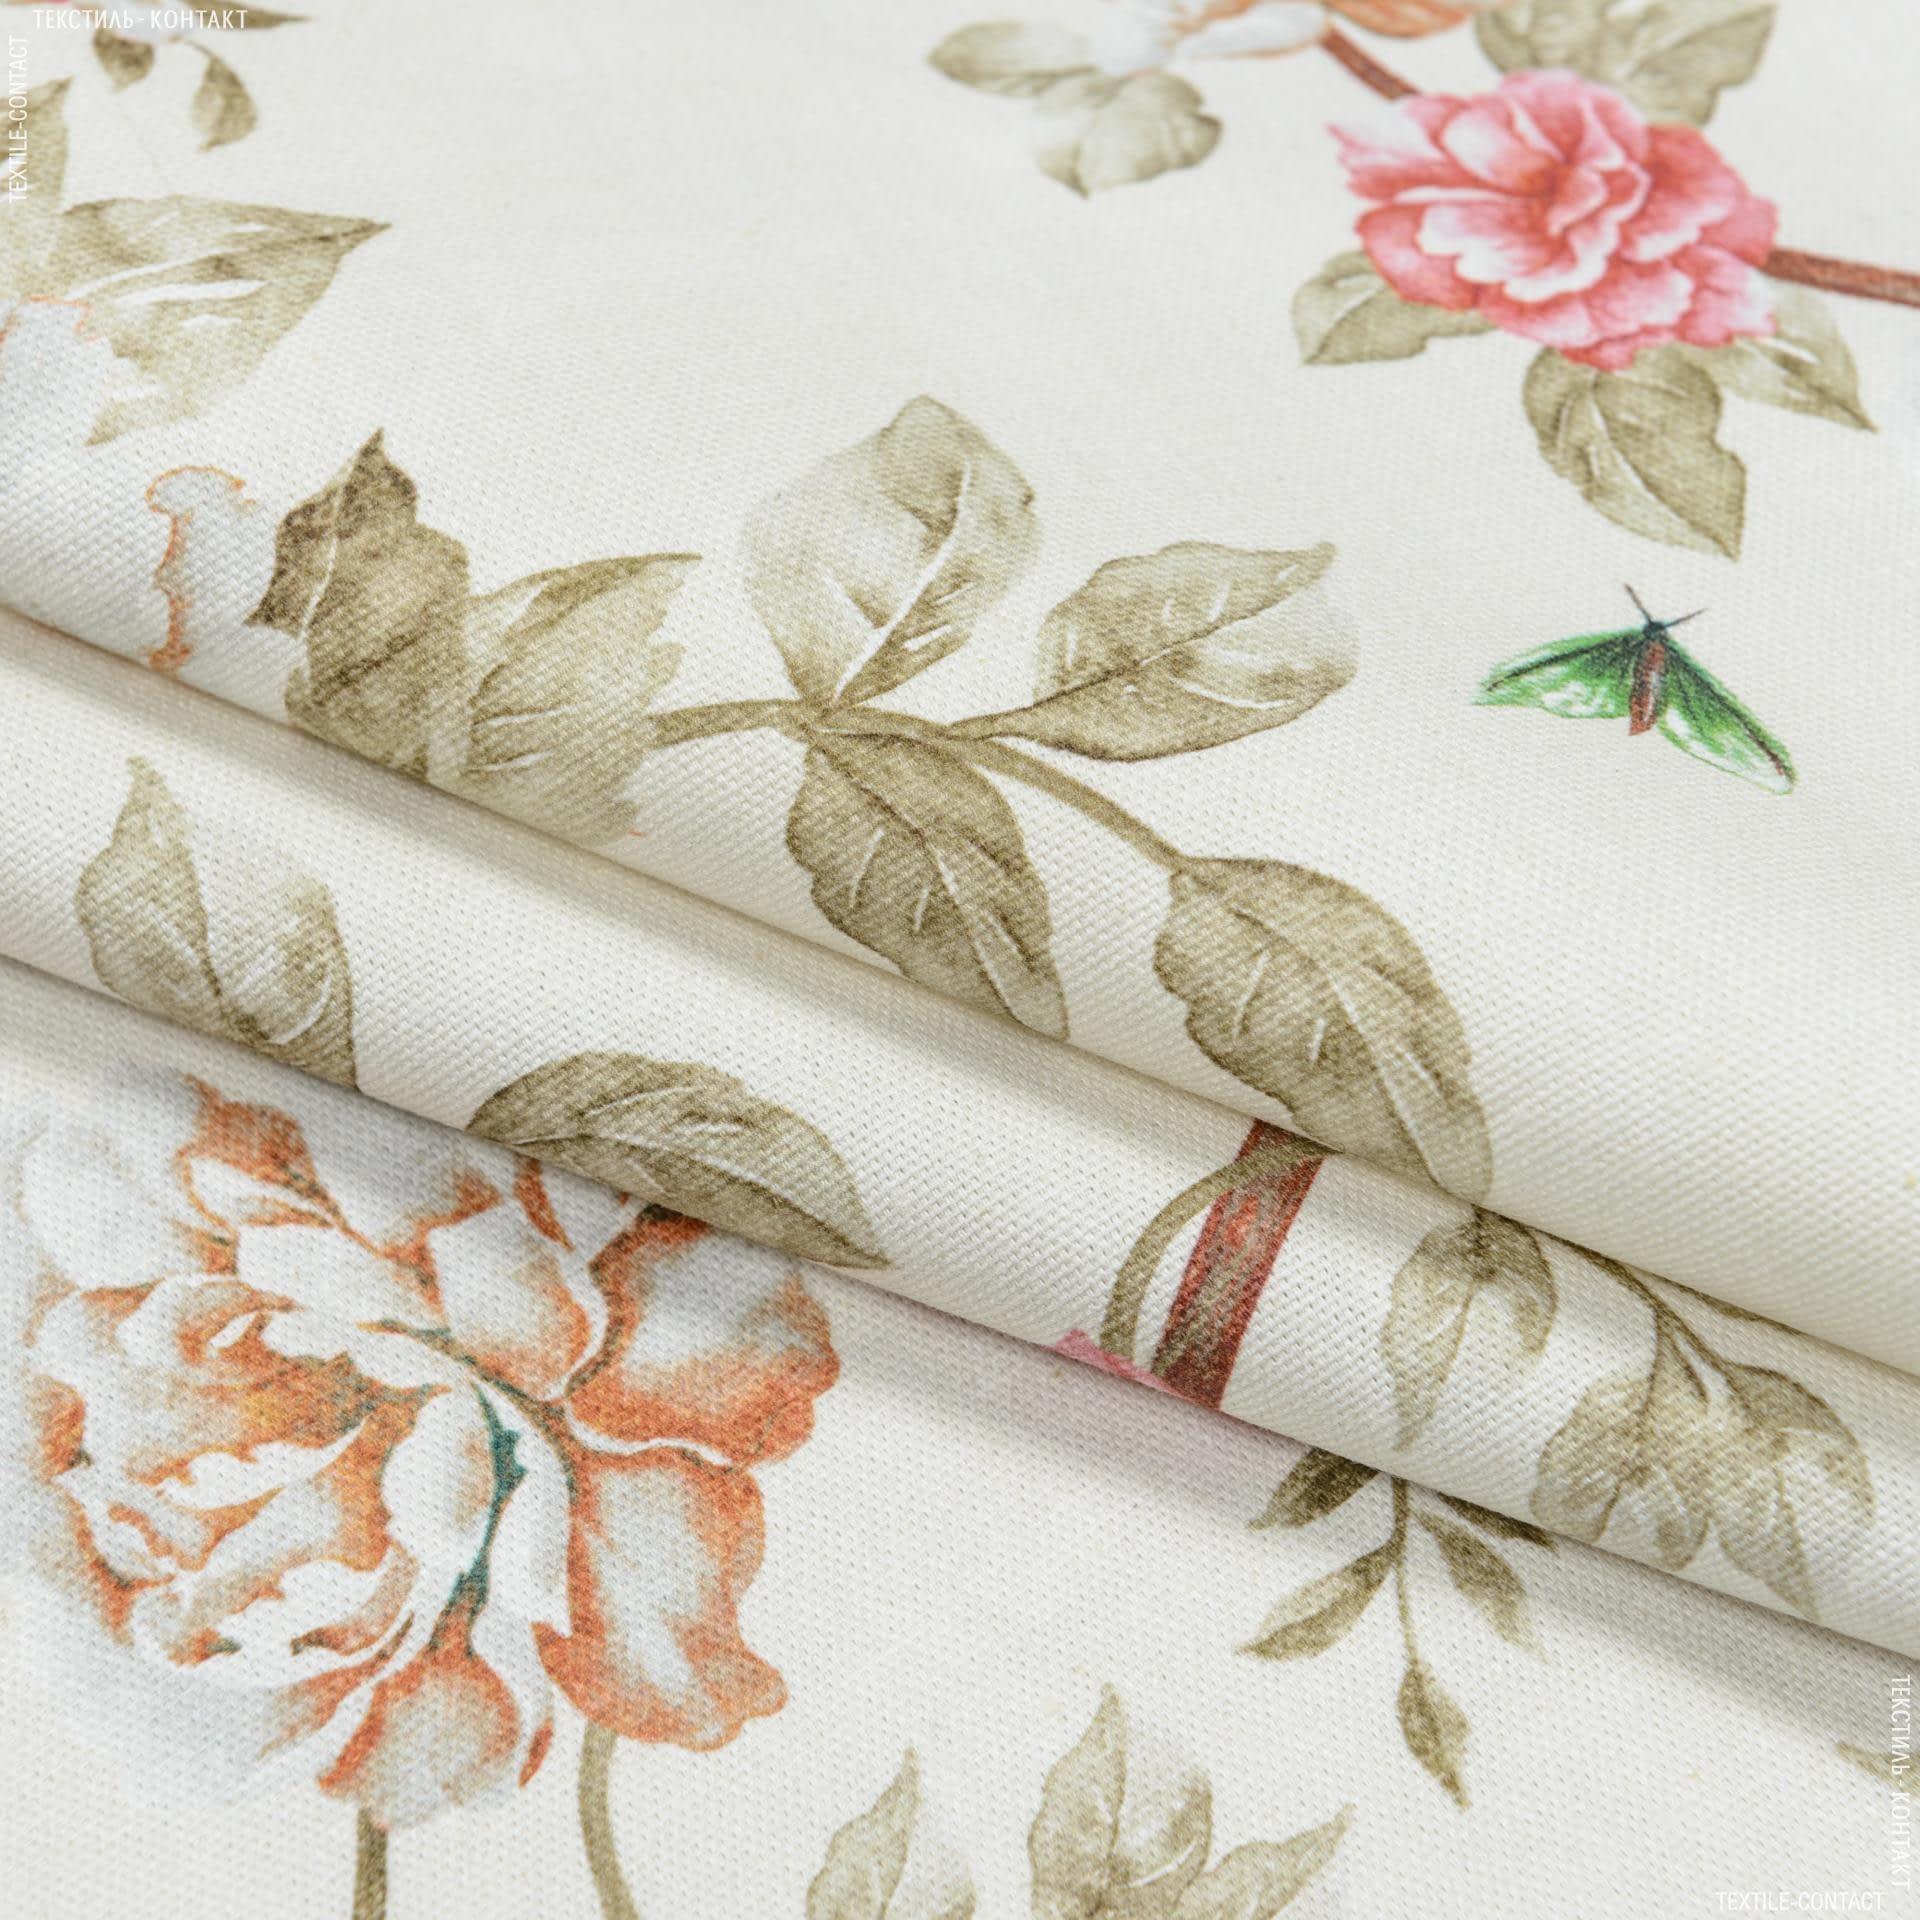 Ткани портьерные ткани - Декоративная ткань  цветы колибри фон молочный